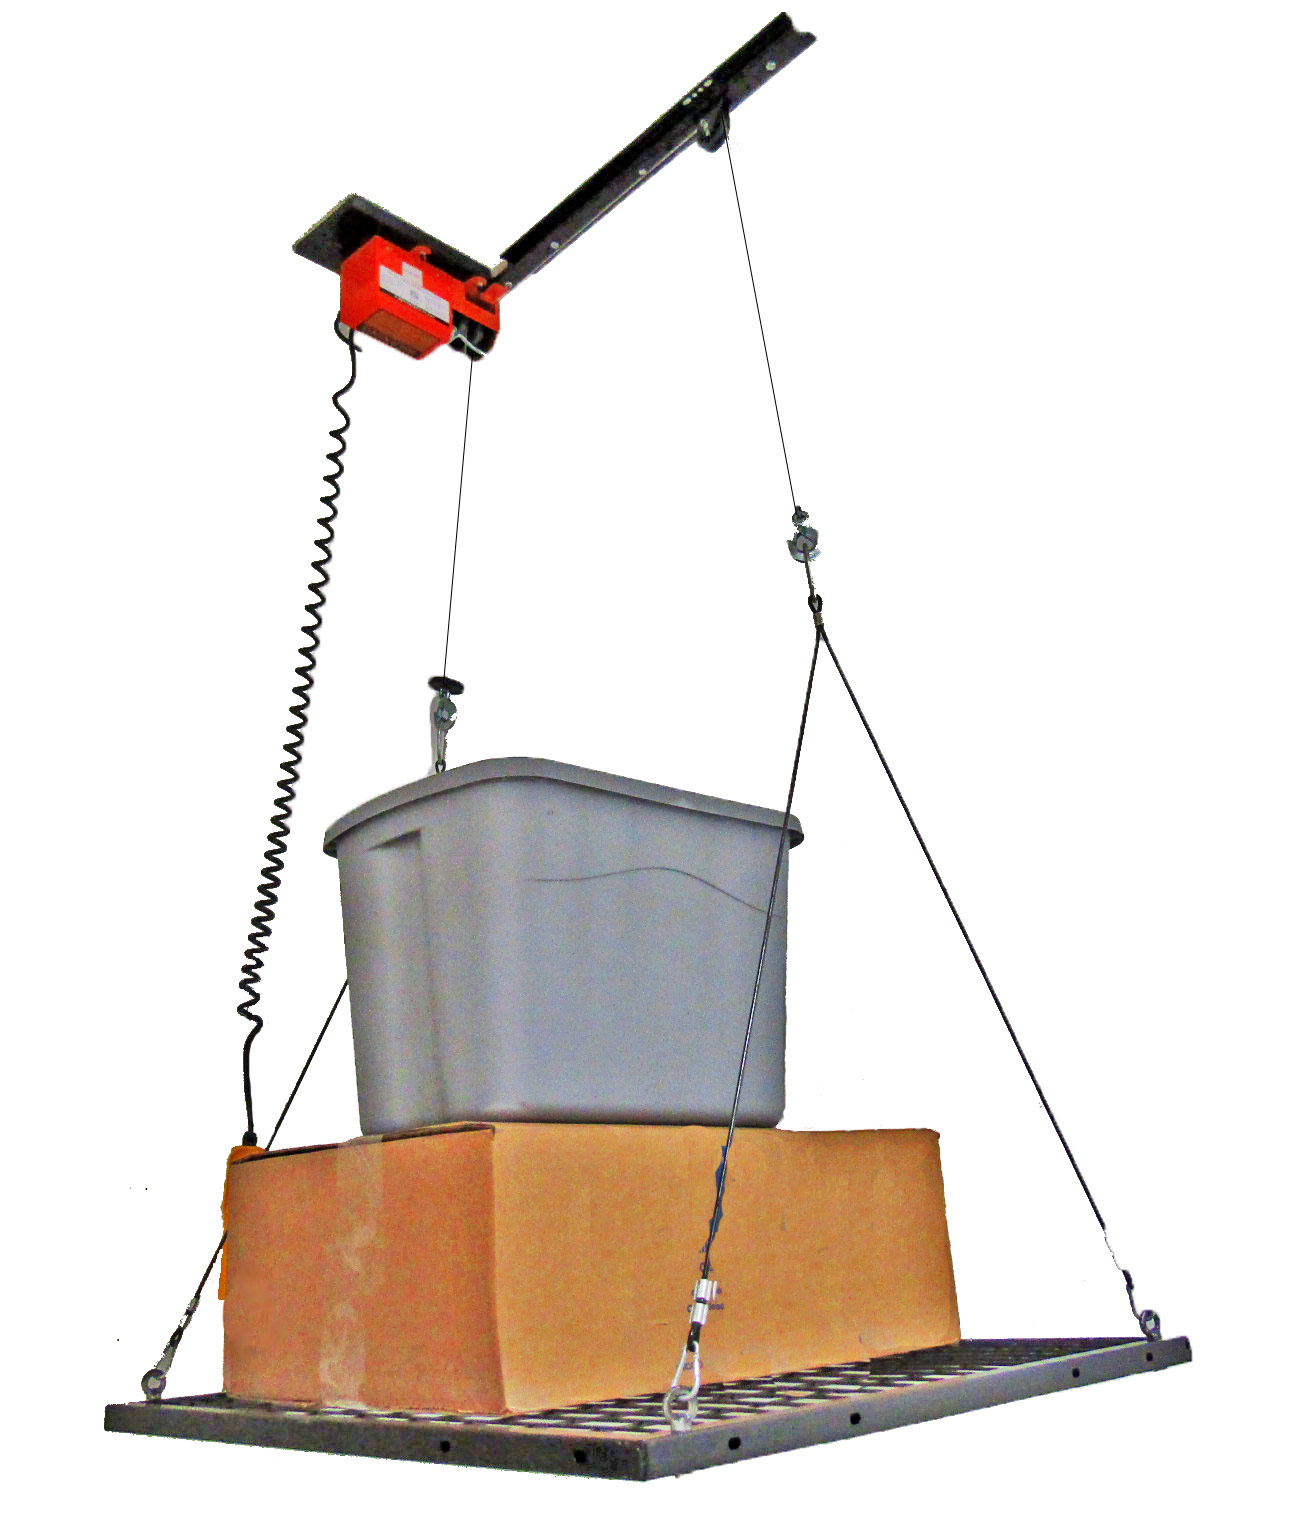 Garage gator 125 lb motorized storage lift free shipping for Electric motorized storage lift system